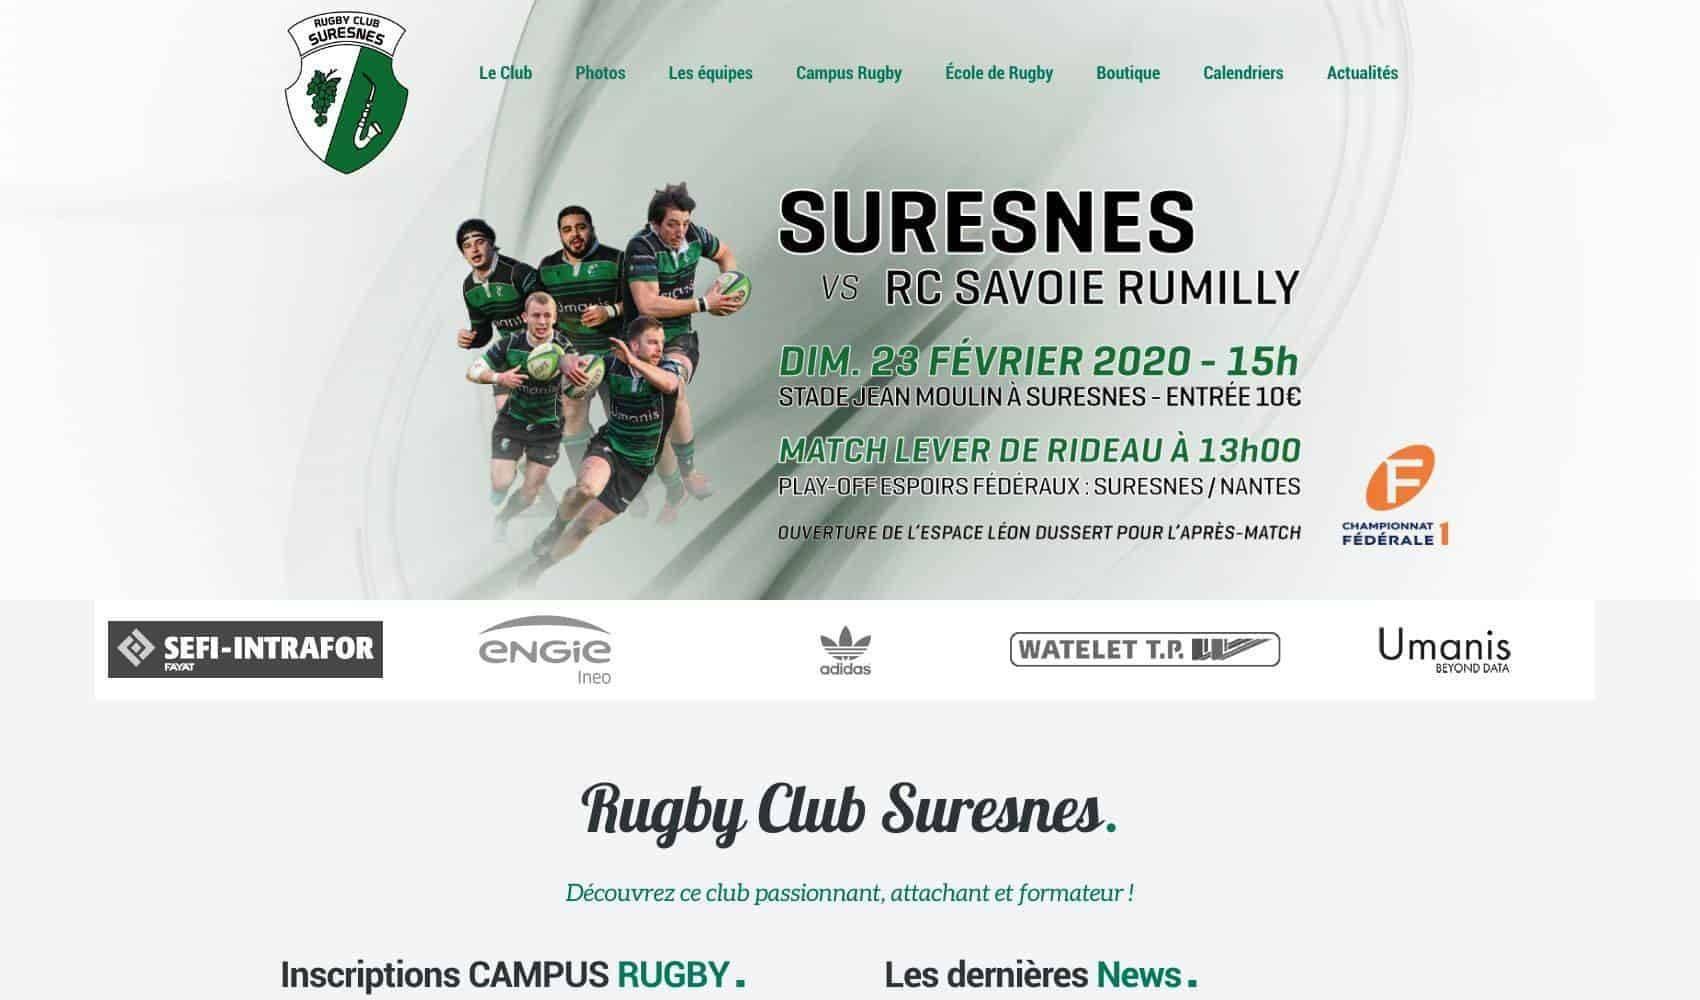 Rugby Club de Suresnes (Suresnes)